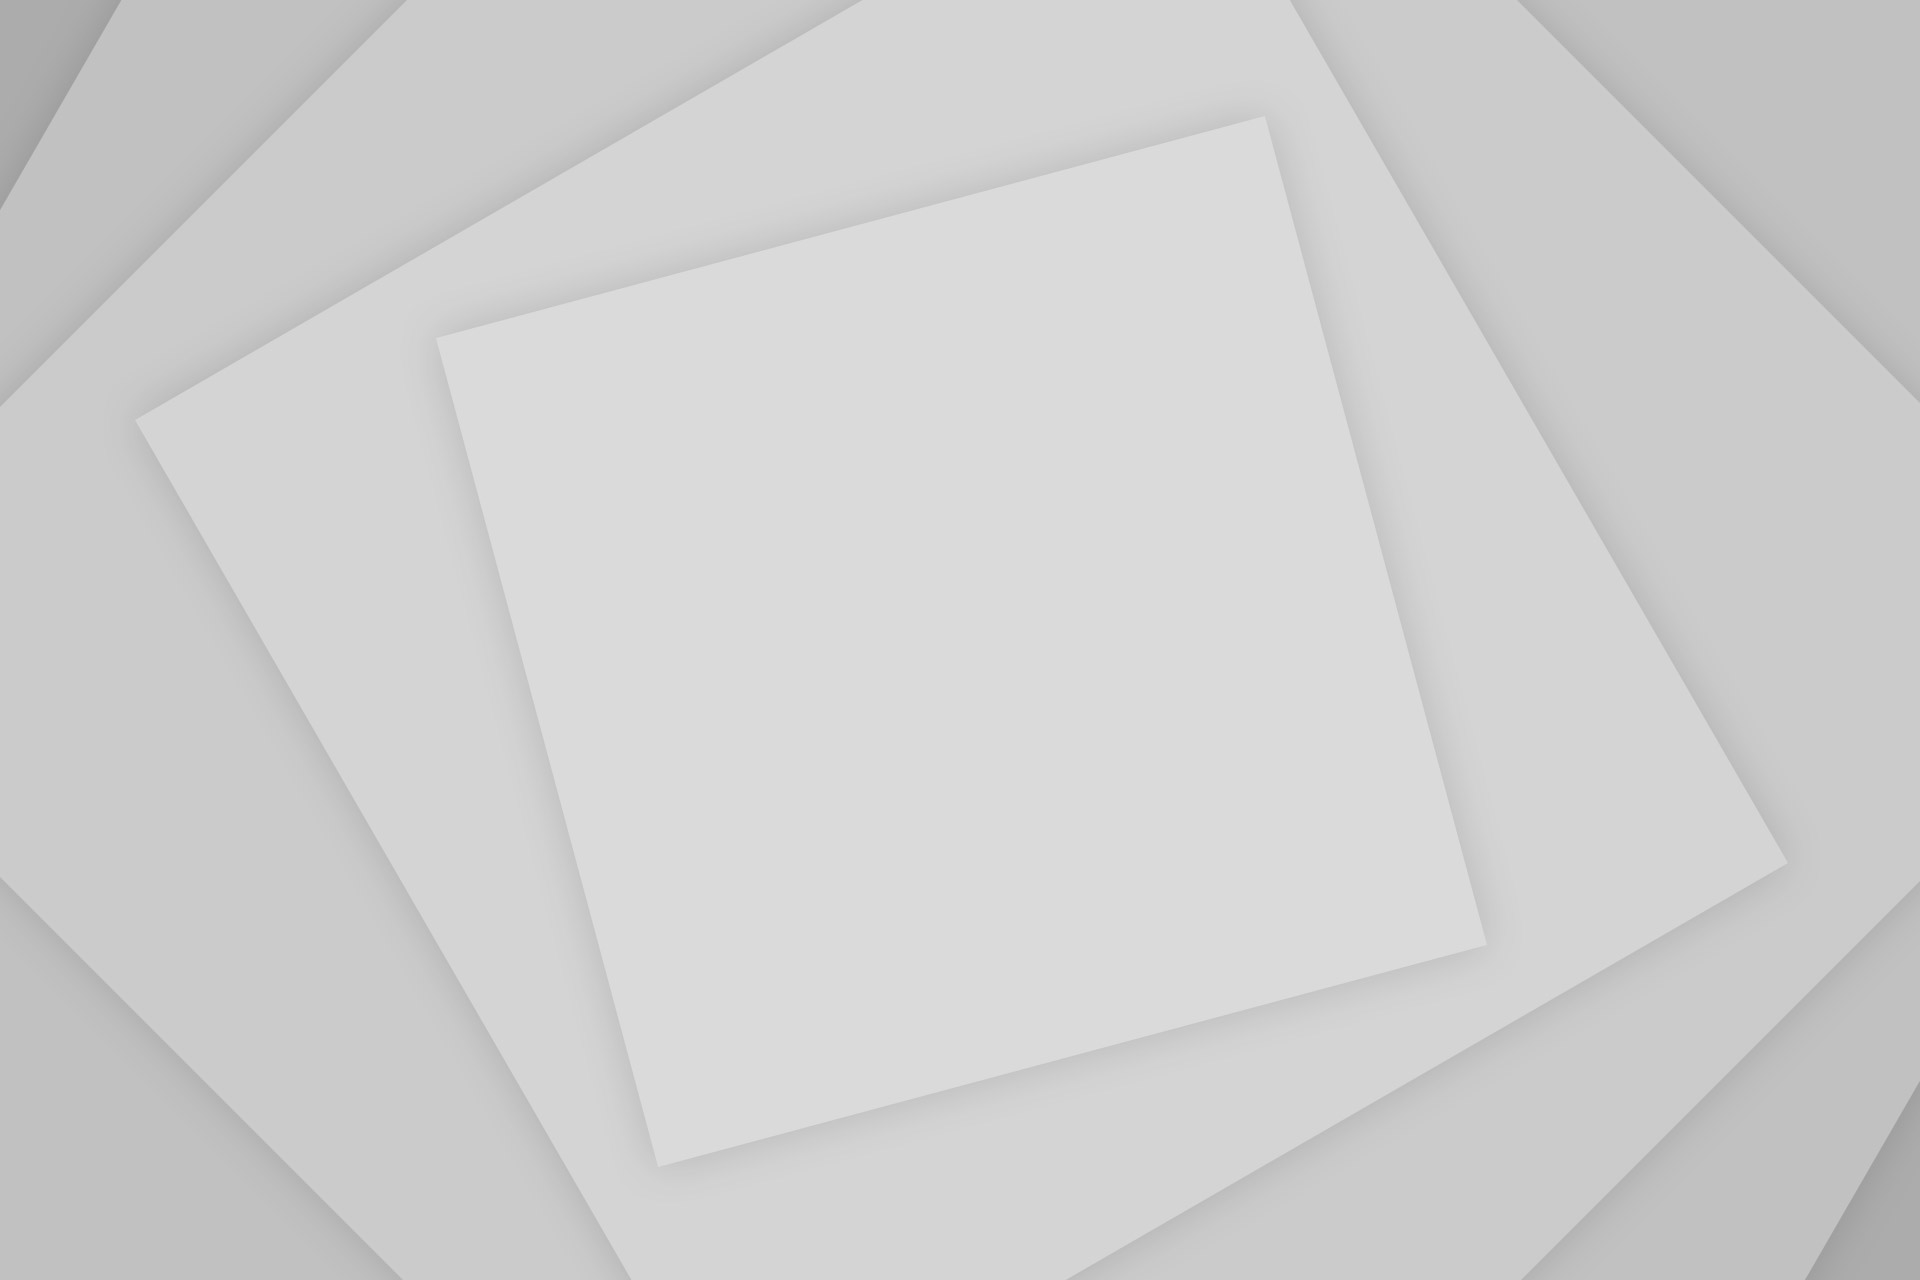 নতুন কৌশলে সান্তাহারে ছড়িয়ে পড়ছে মাদক